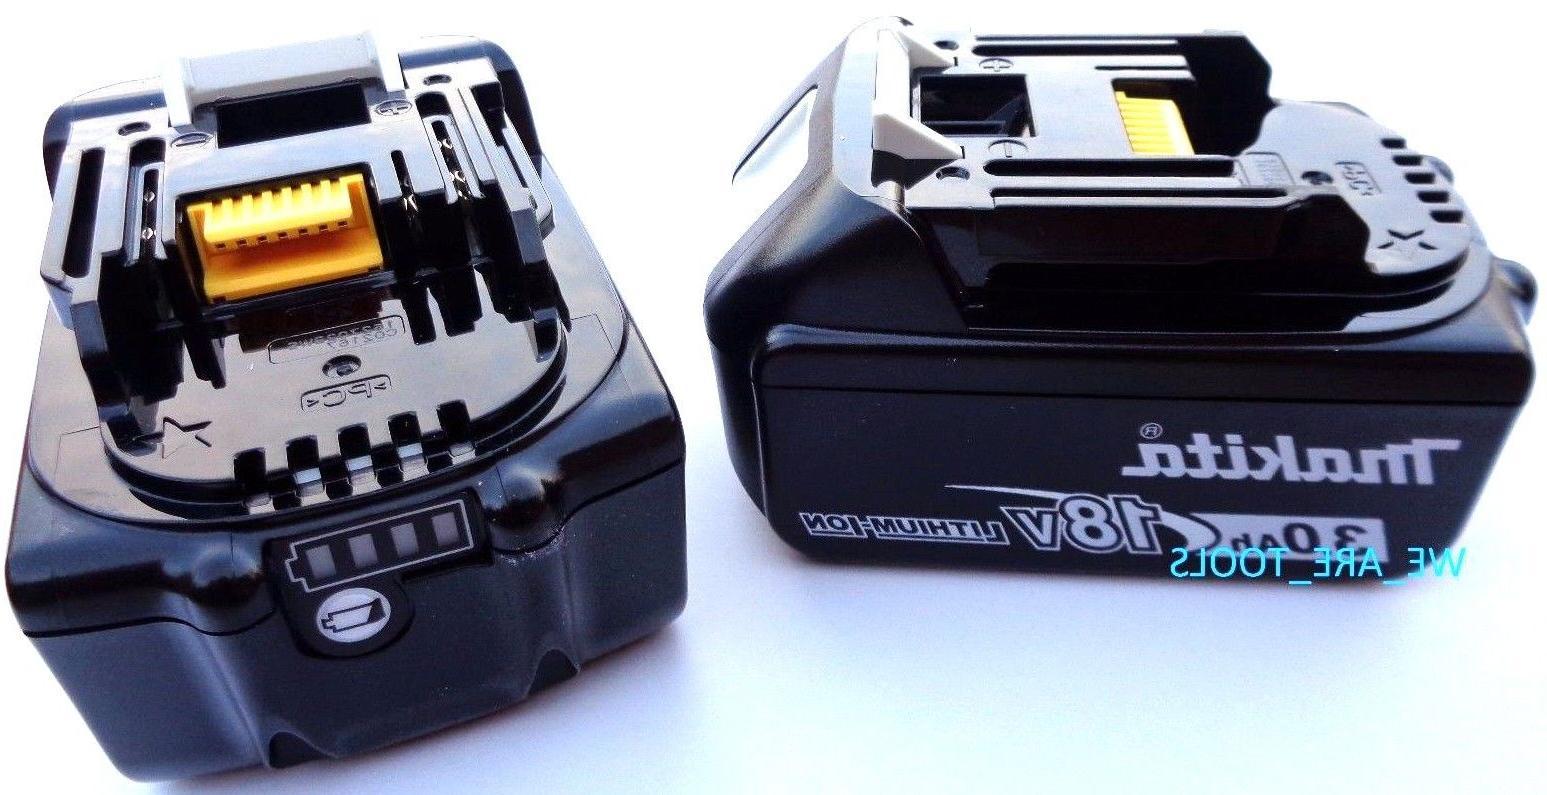 2 NEW 18V GENUINE BL1830B-2 Makita Batteries 3.0 AH Fuel Gau